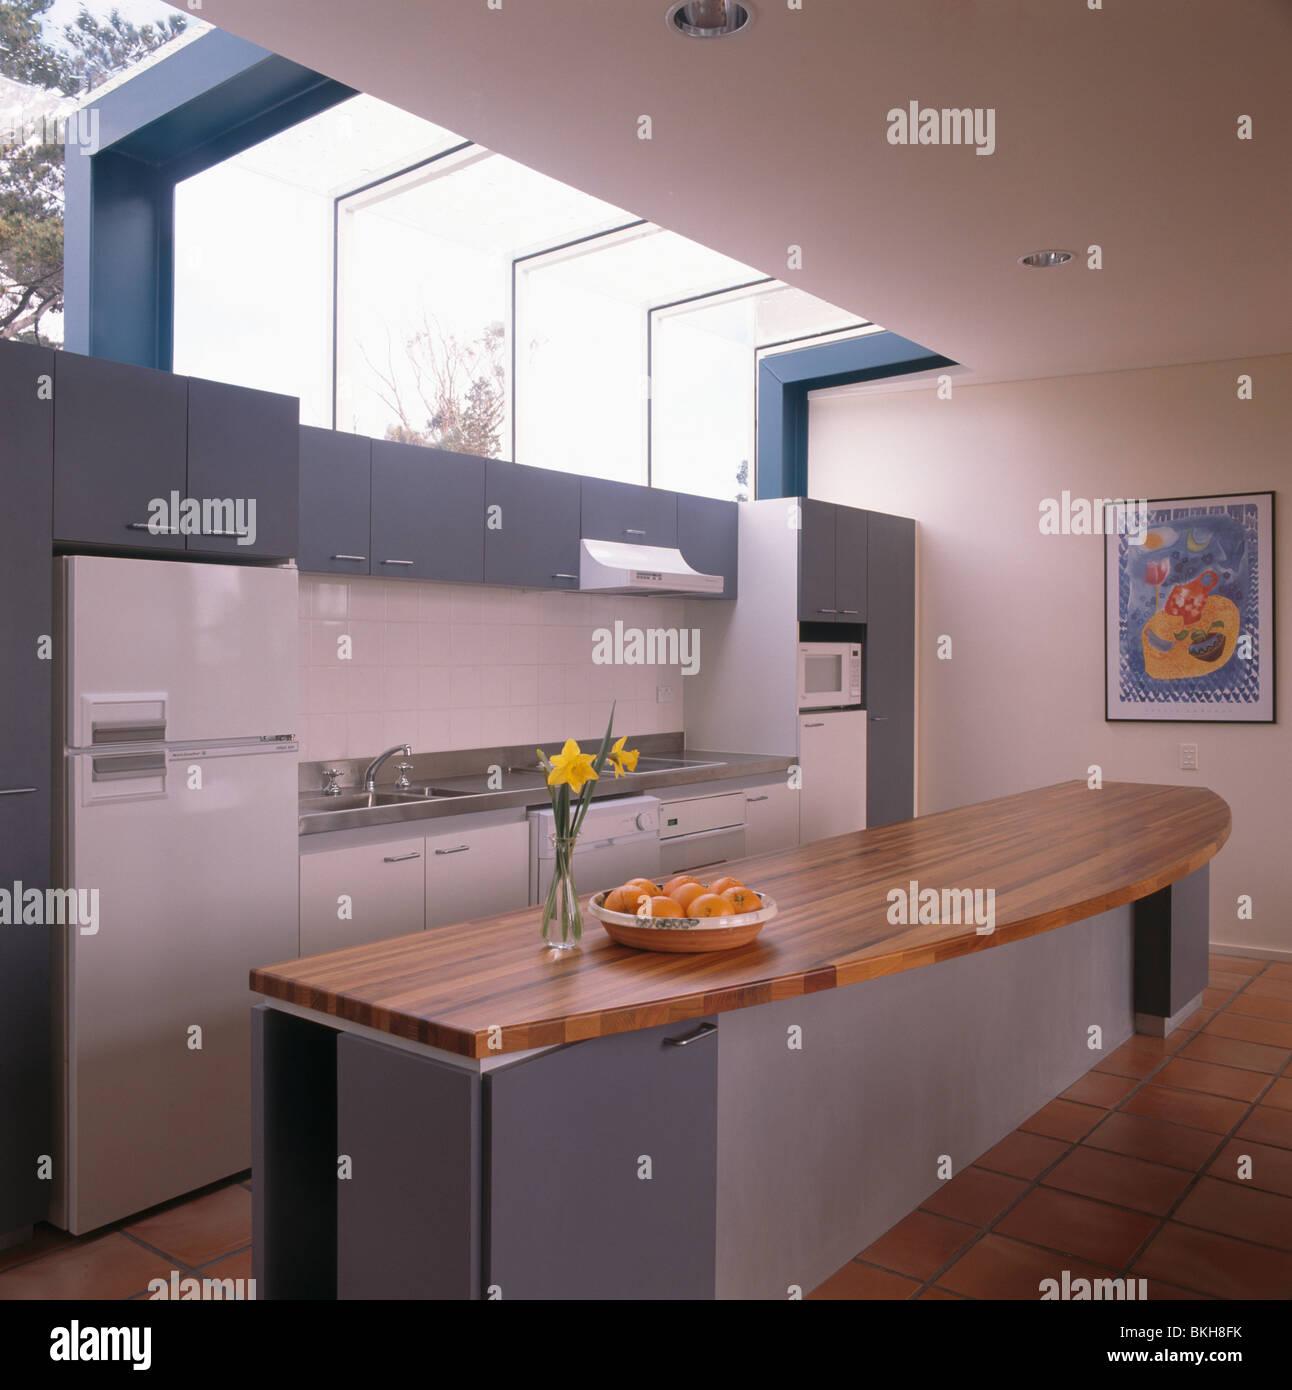 Cucina Moderna Con Tetto In Legno.Piano Di Lavoro In Legno Sull Isola Lunga Unita Nella Cucina Moderna